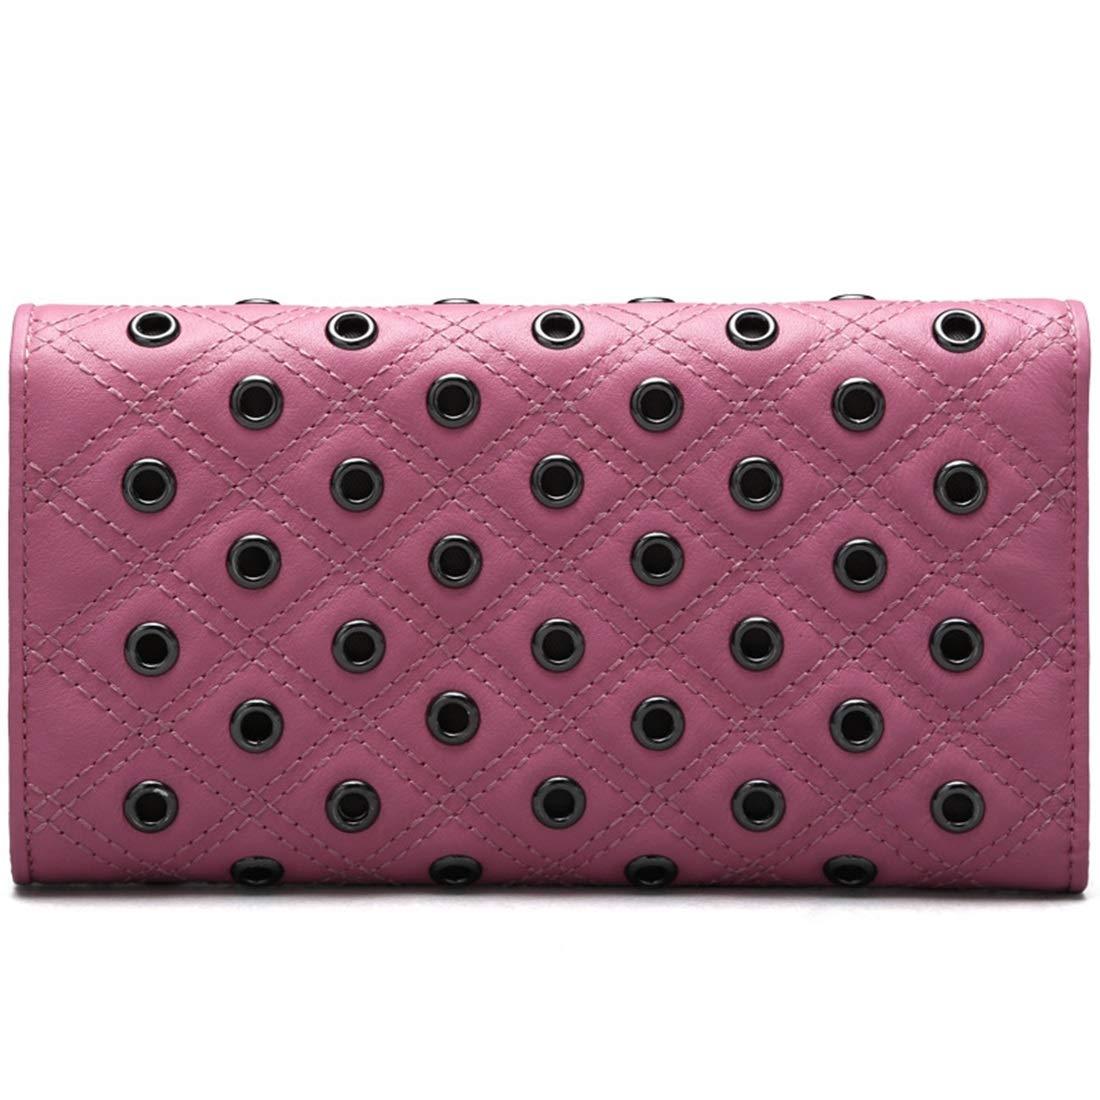 Mifusanahorn Damen Rivet Leather Wallet Seventy Seventy Seventy Percent Off Taschen Lange Handtasche (Farbe   schwarz) B07NL8XB69 Geldbrsen 60bcbb